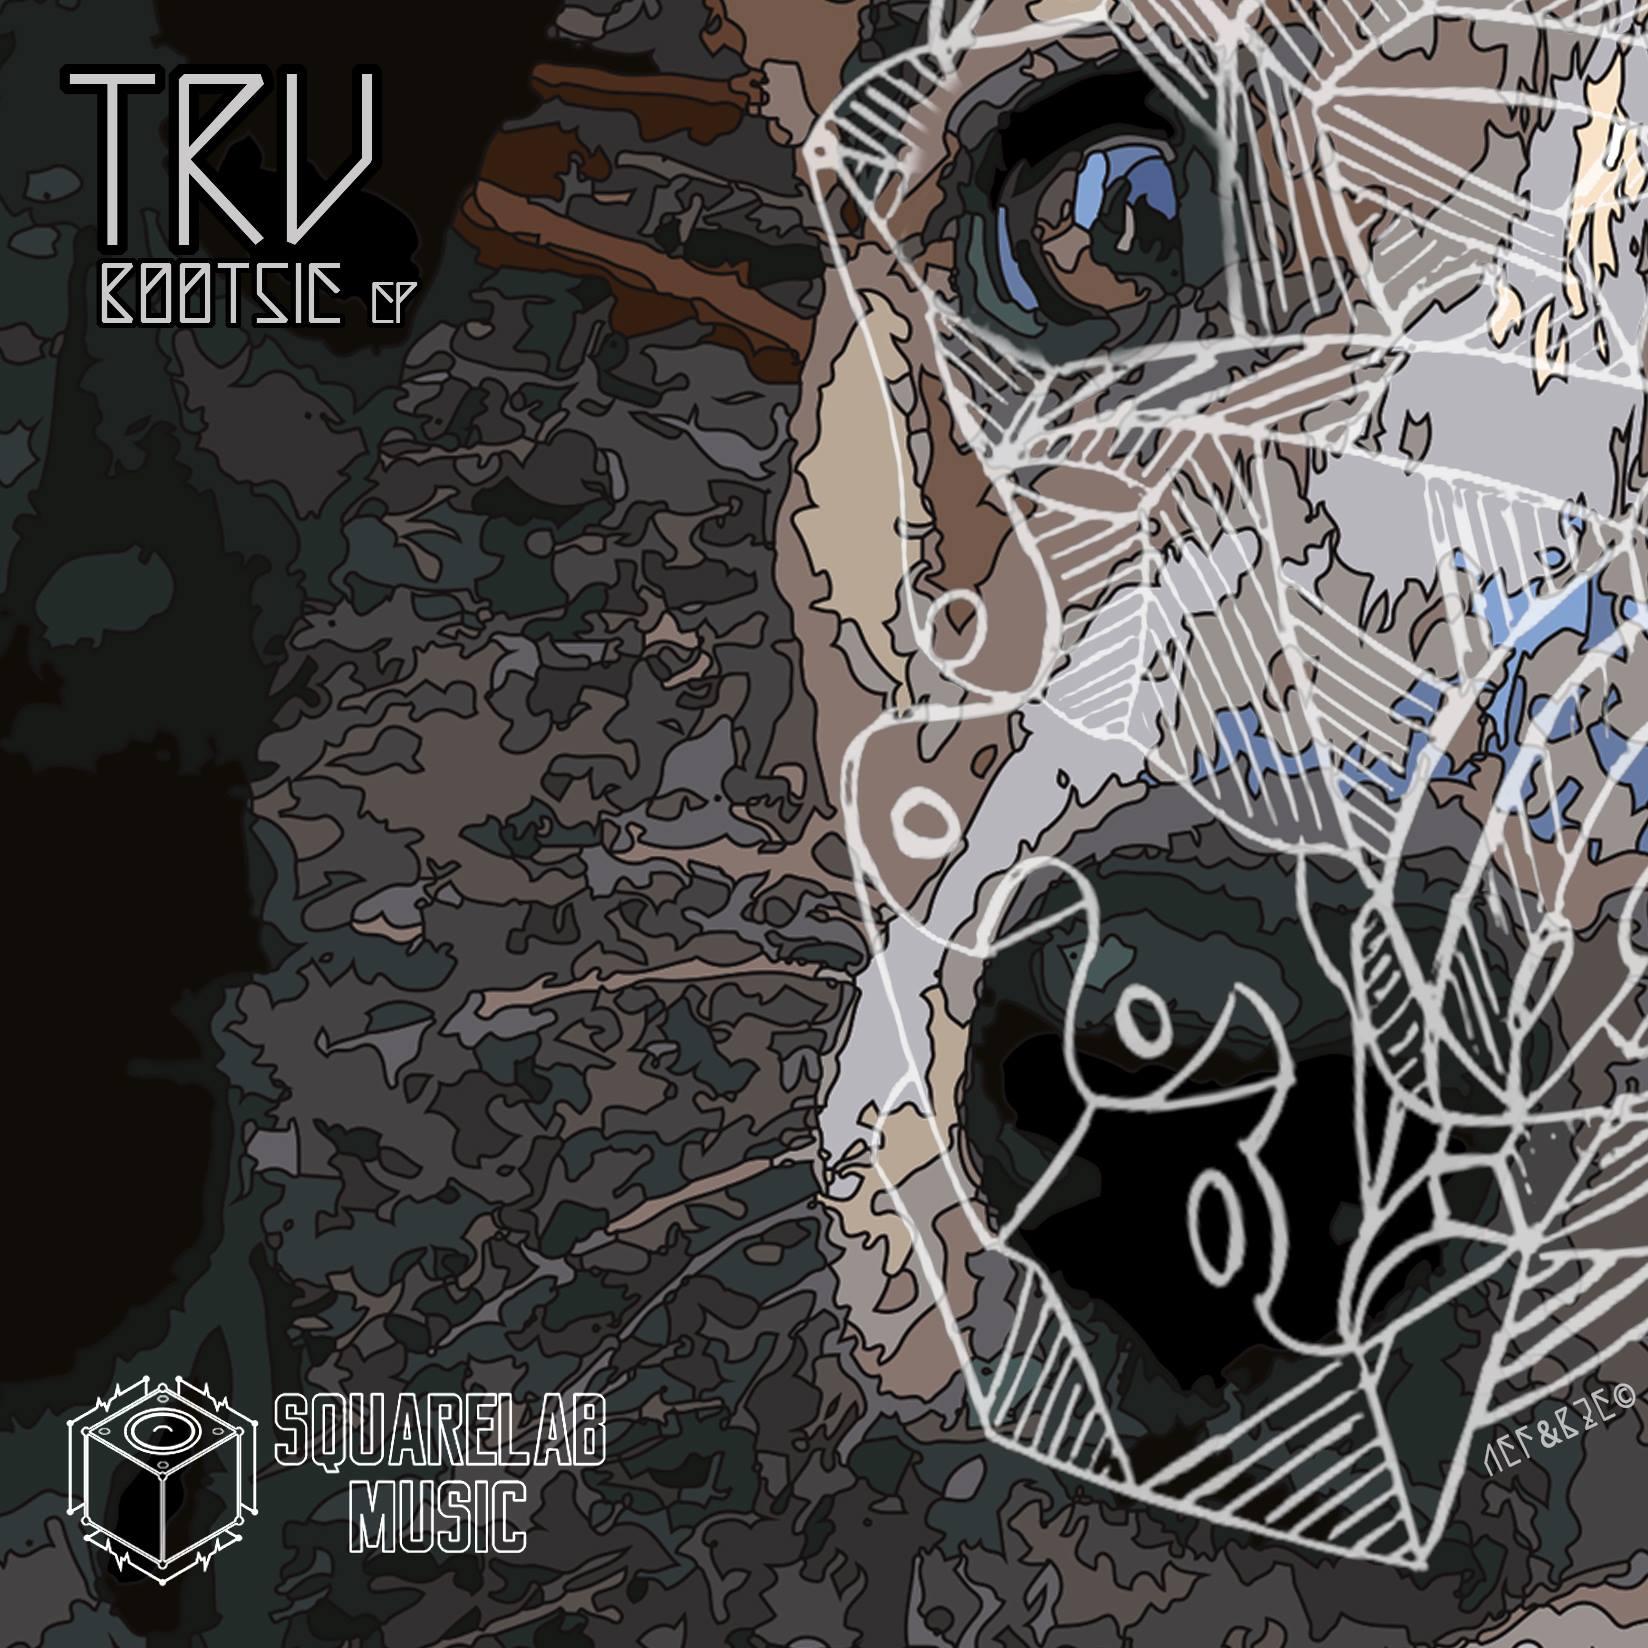 TRV - Bootsie EP (SquareLab Music France) mastering